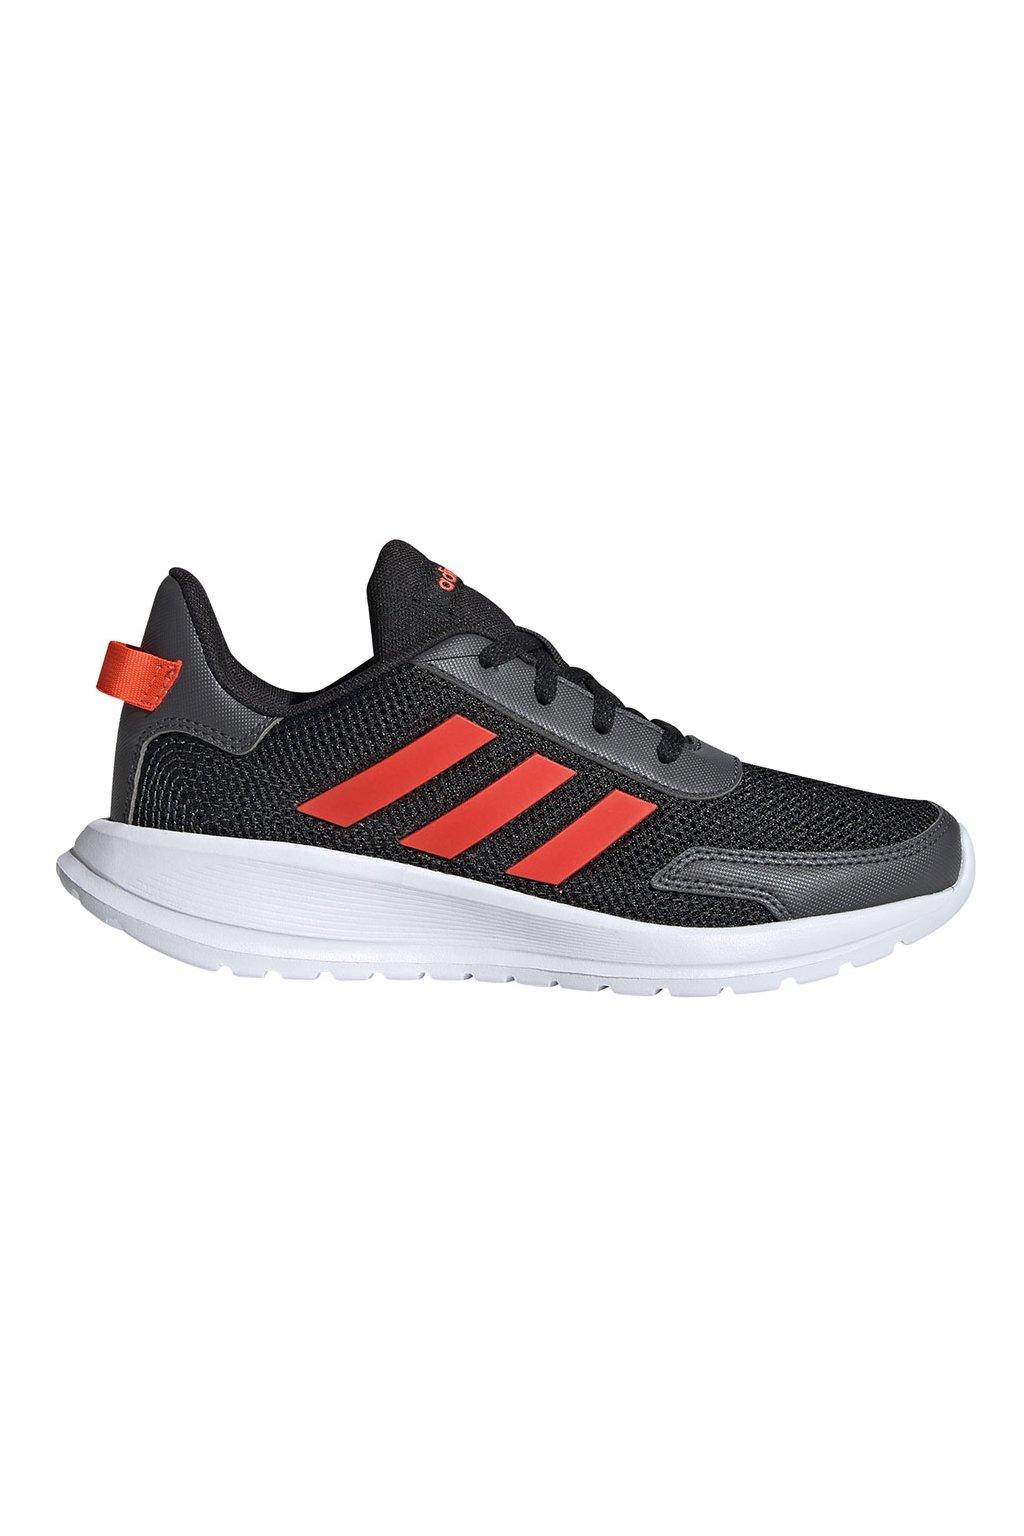 Detská obuv Adidas Tensaur Run K čierno-oranžová EG4124